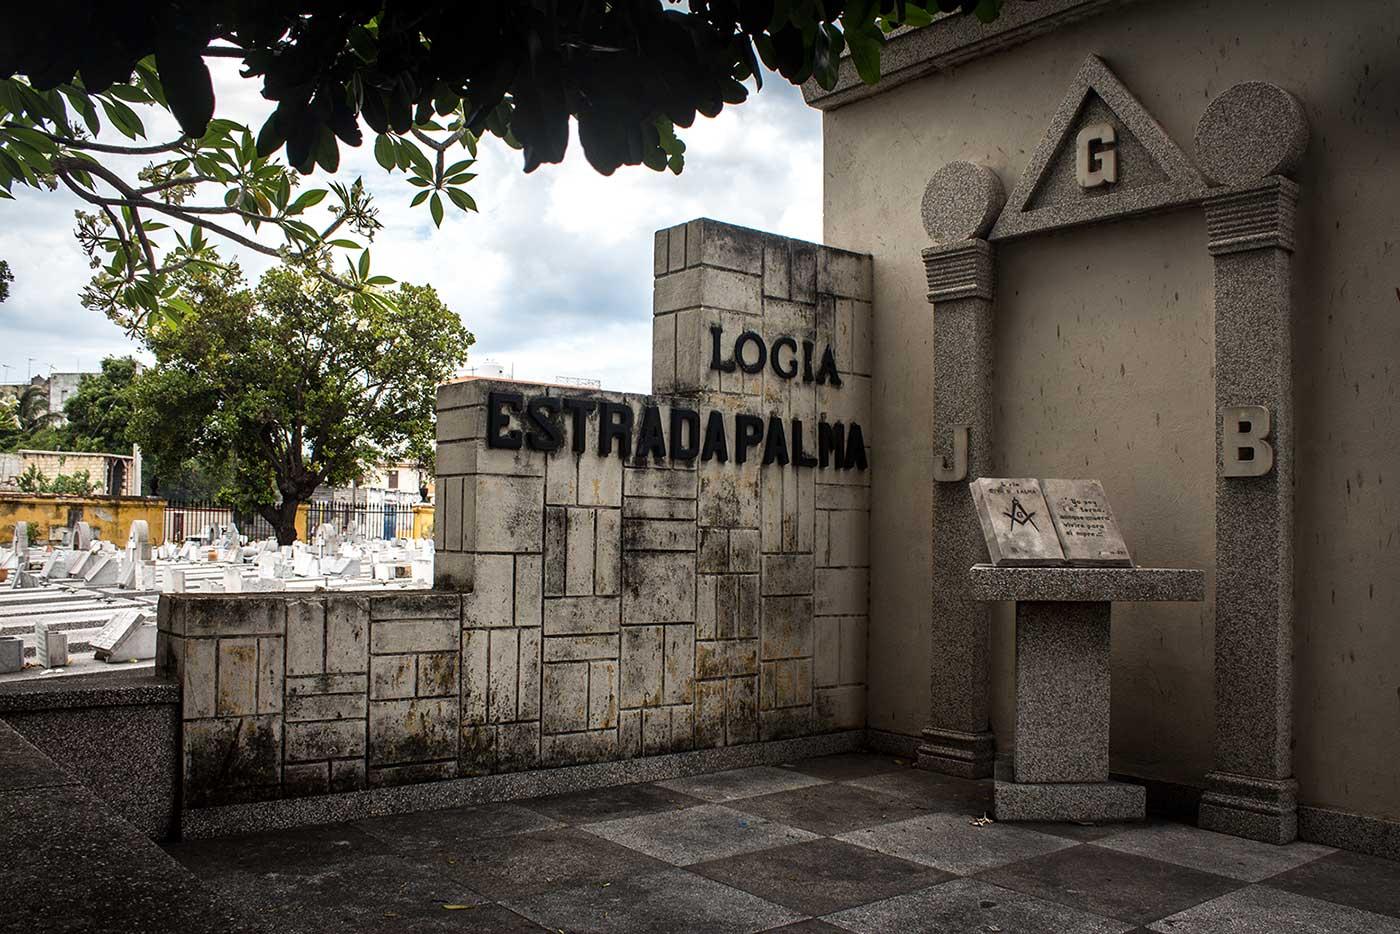 Logia Estrada Palma Mausoleum, at Havana's Colón Necrópolis.